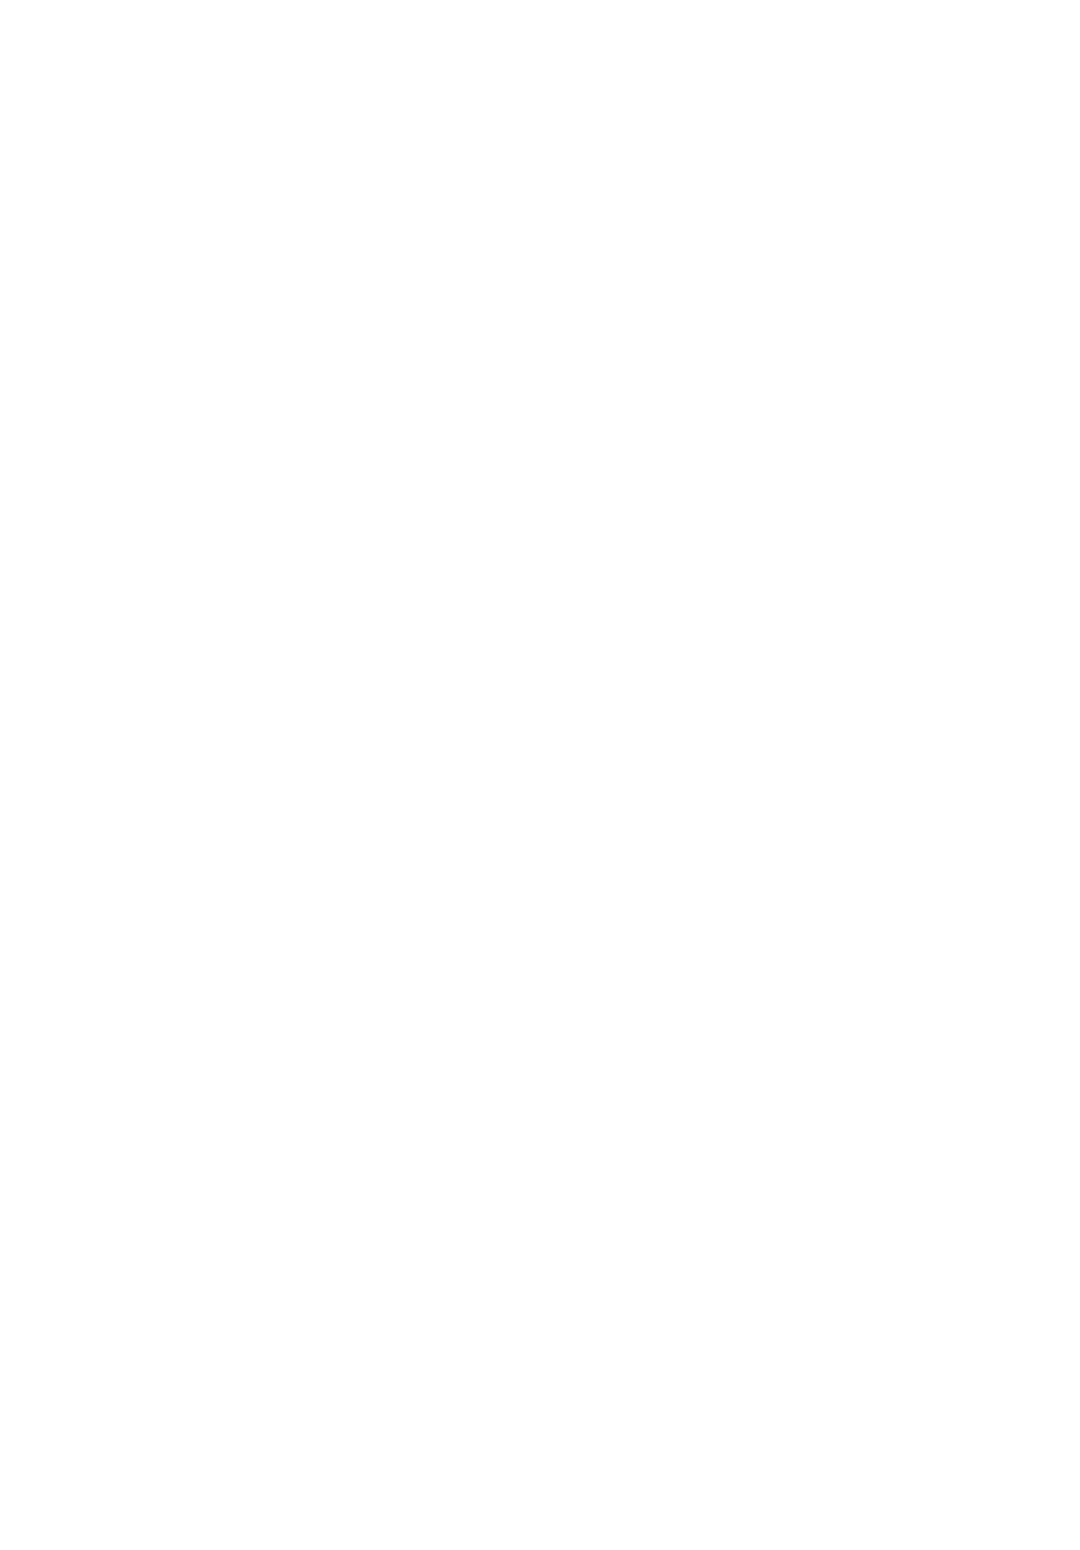 【エロ同人誌】ドM豚男から寵愛を受け続けるS女…哀れな男の姿でセックスをお願いされて、強気な女の表情が次第にメス顔と変わっていく情熱的SMセックス!【おそまつ:親愛なるグルマンディズ】